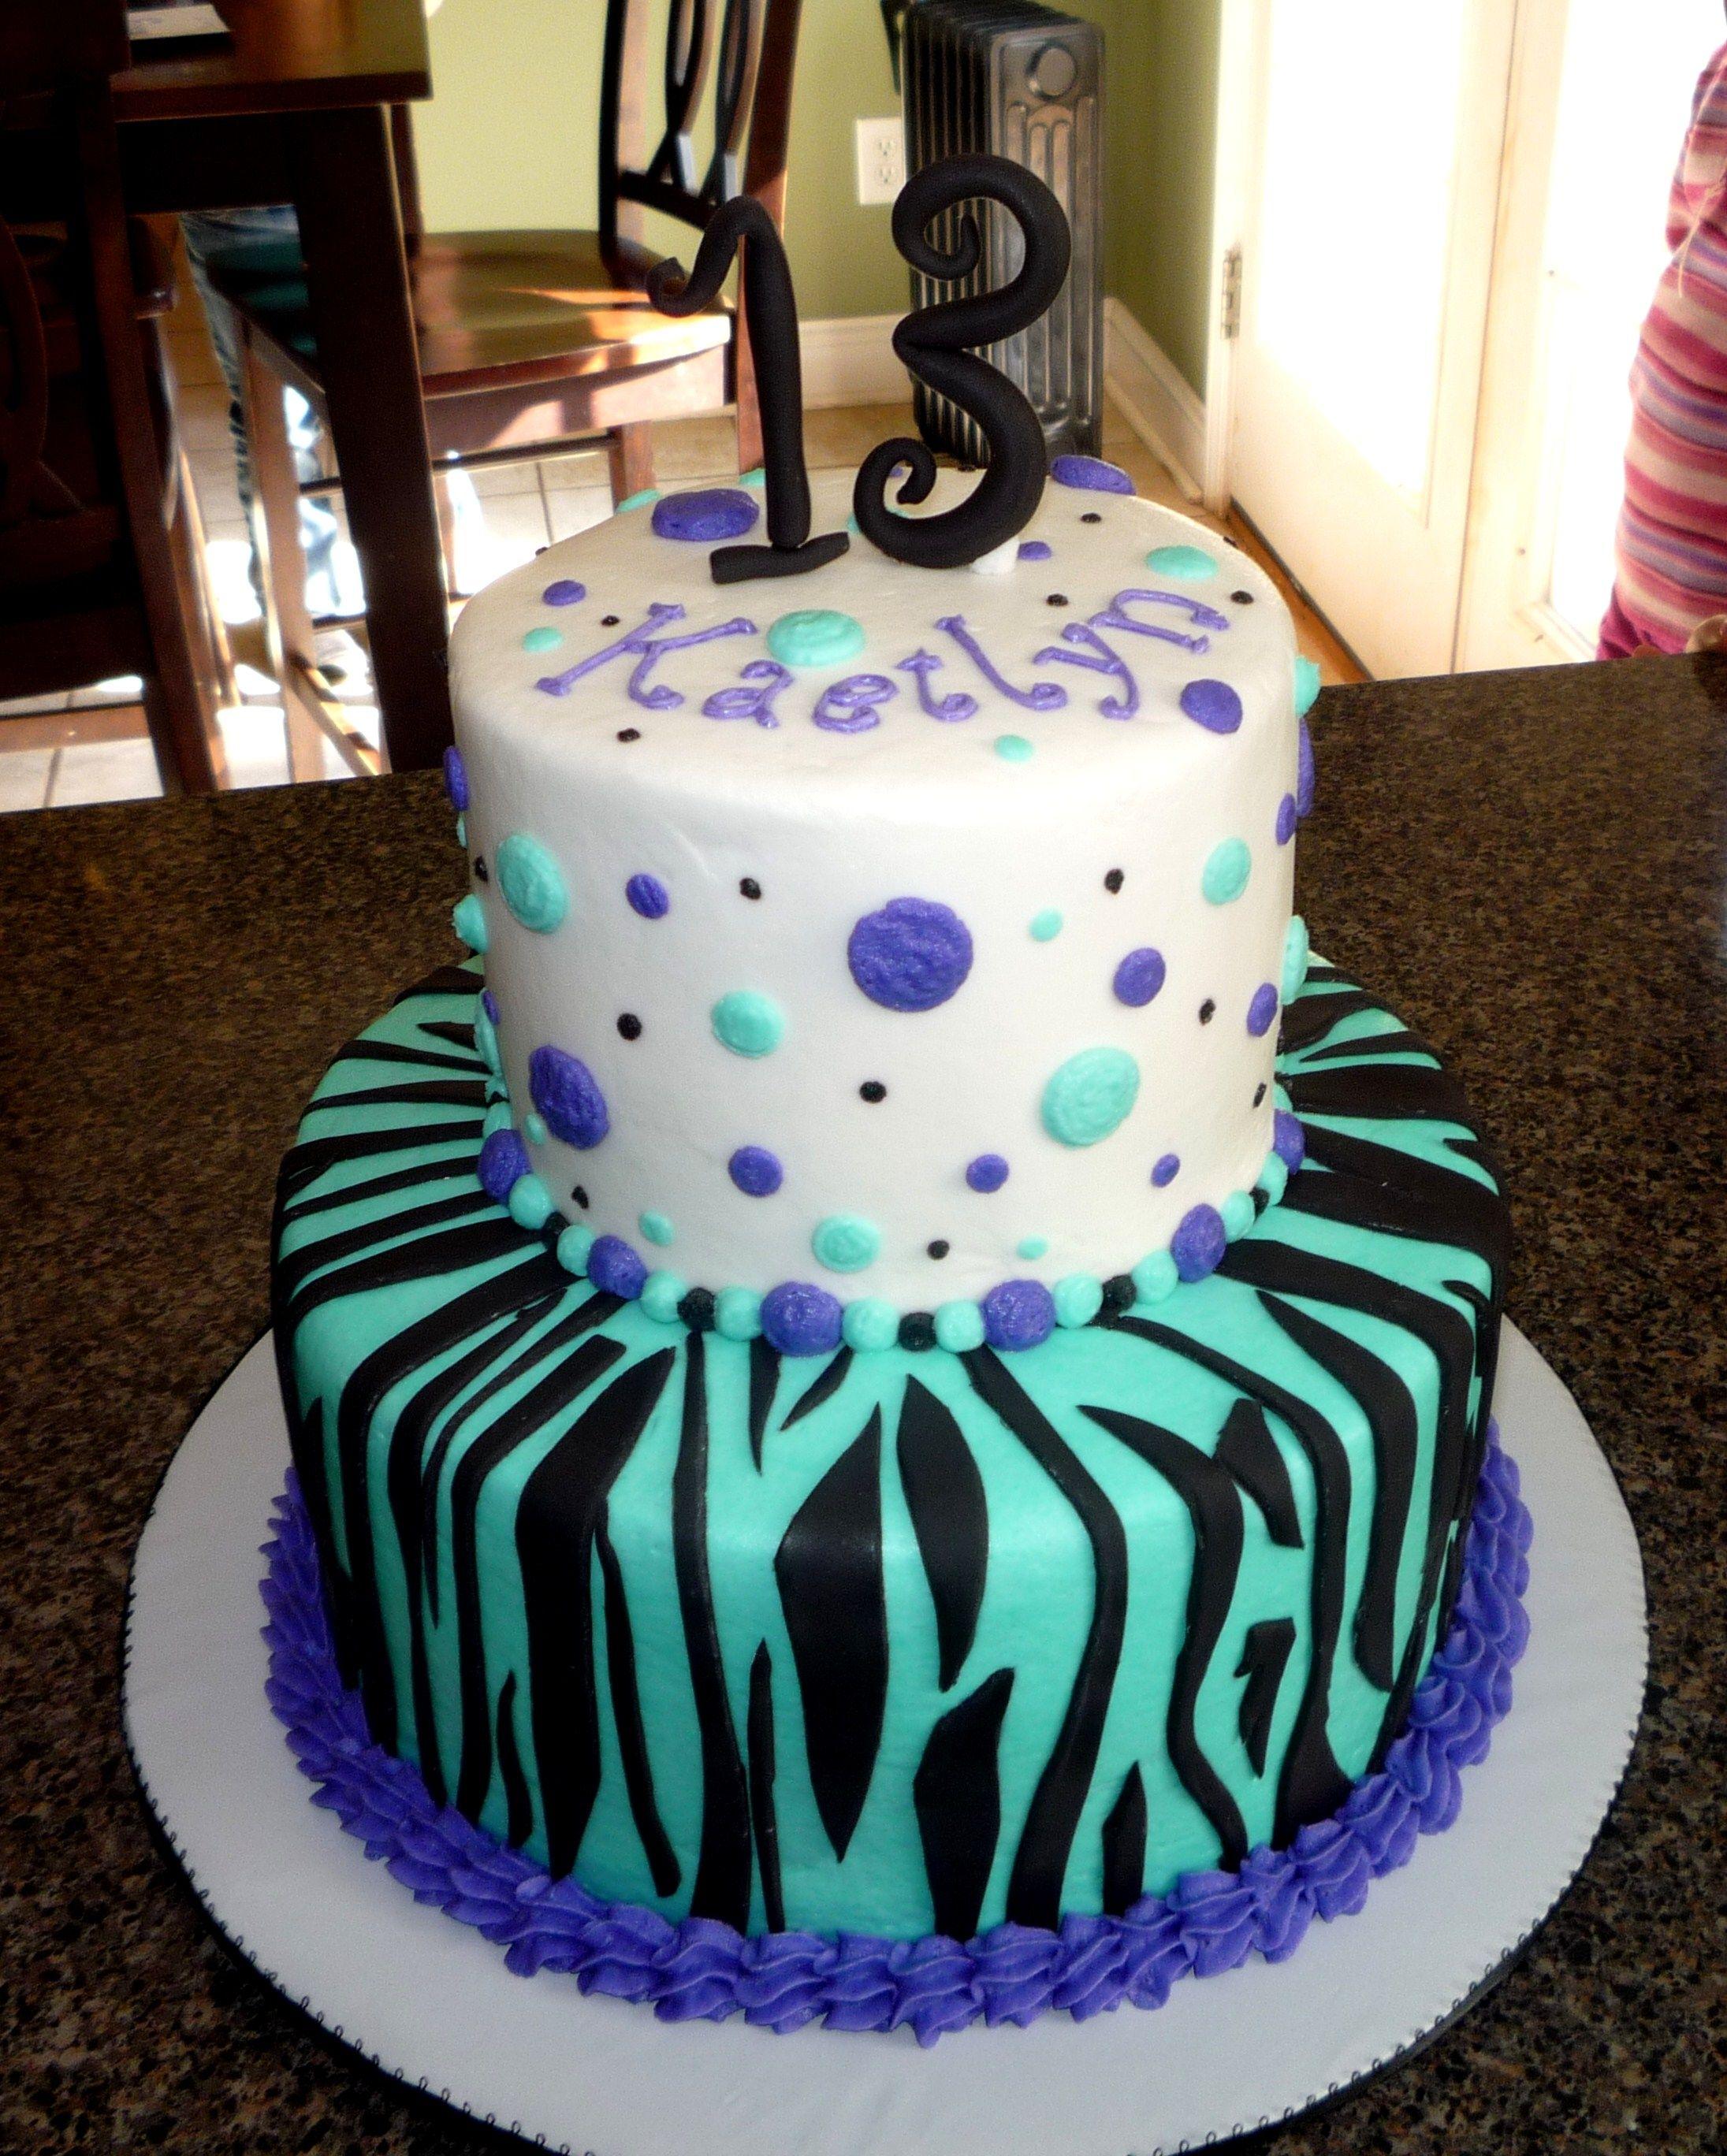 Zebra cake for 13th birthday , 2 tier cake in teal \u0026 blue